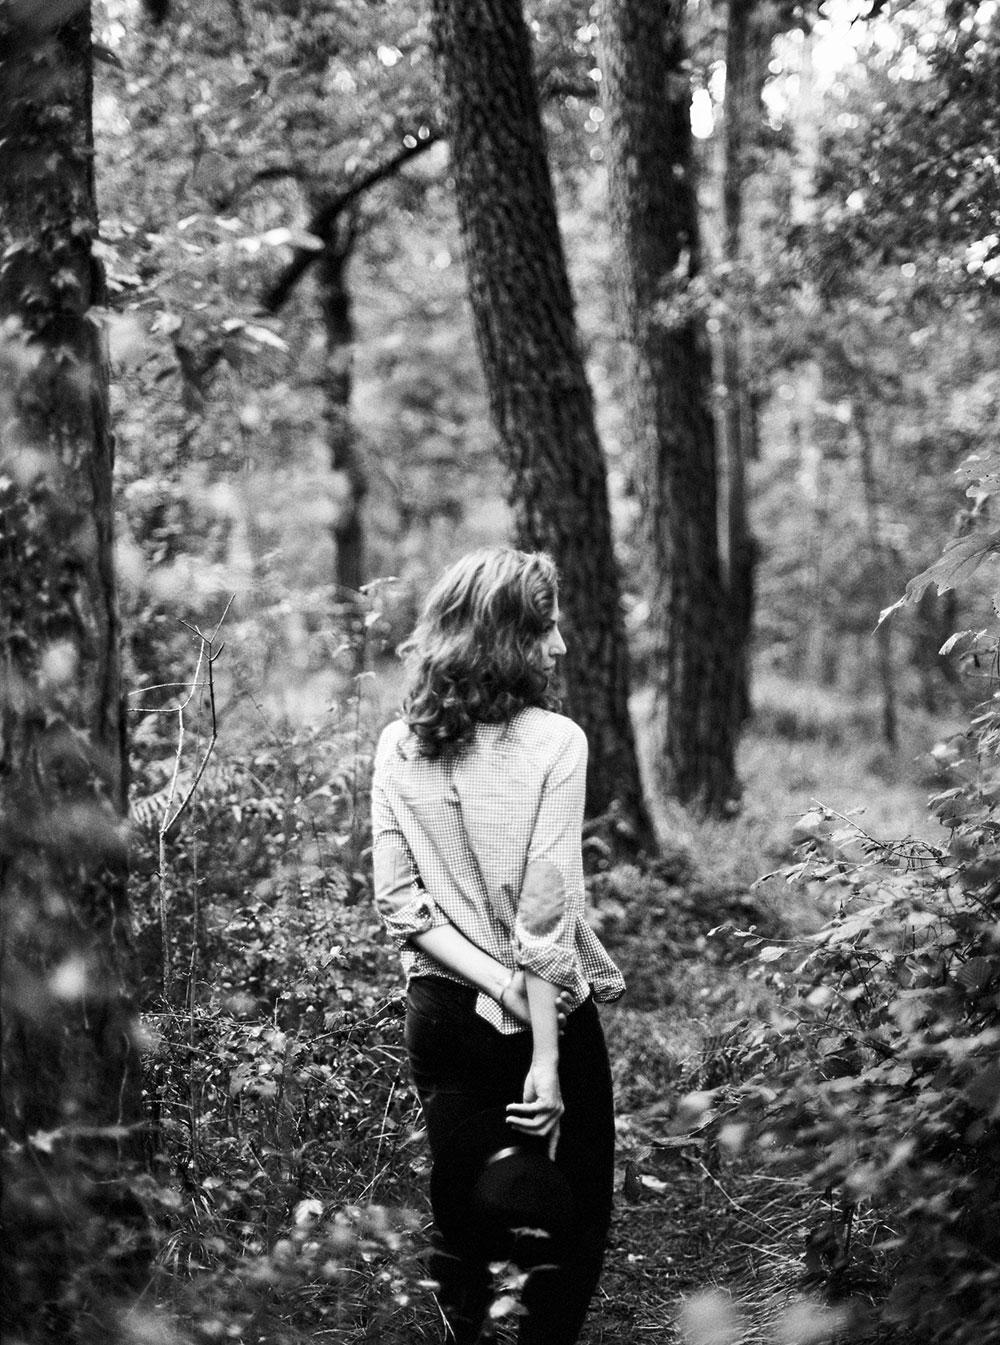 Blanccoco_photographe_Marion_Heurteboust_TriX_film_portrait_21